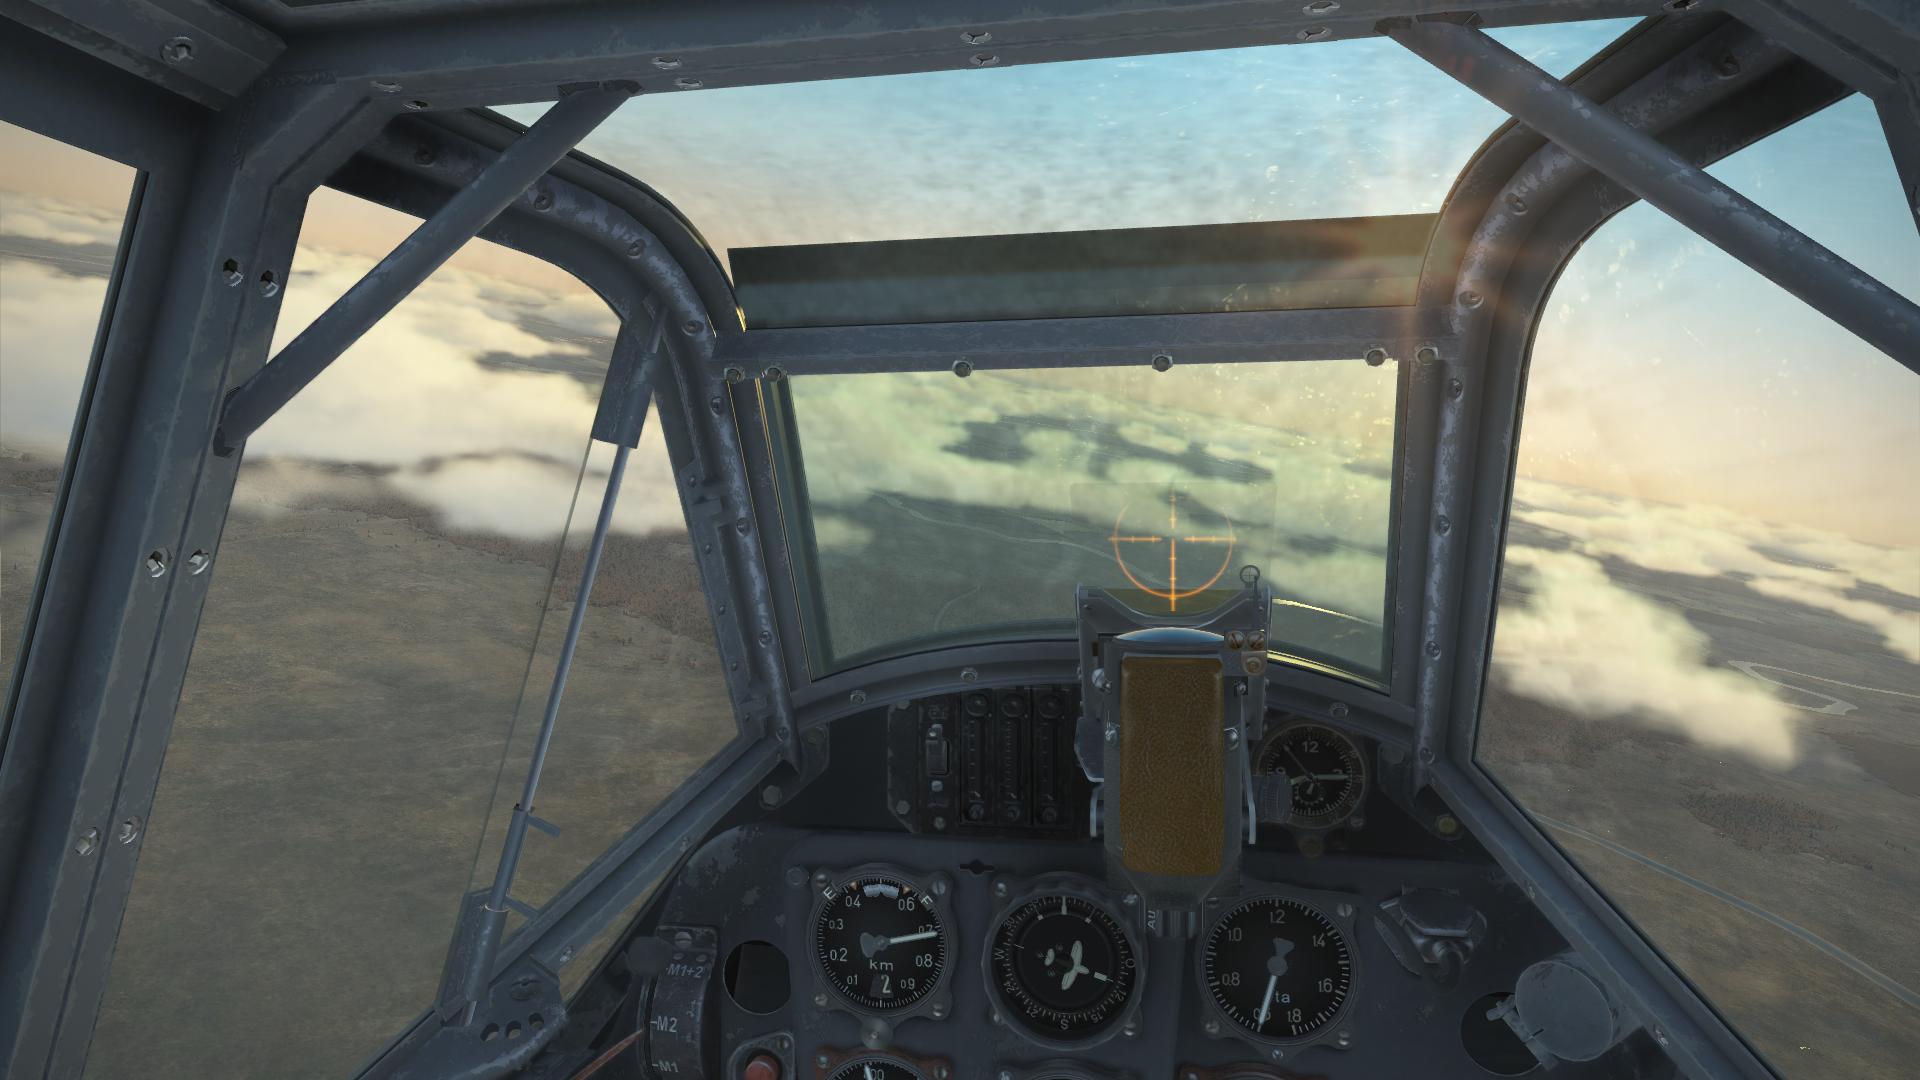 IL-2 Sturmovik Battle of Stalingrad Screenshot 2019.12.26 - 18.46.52.17.png